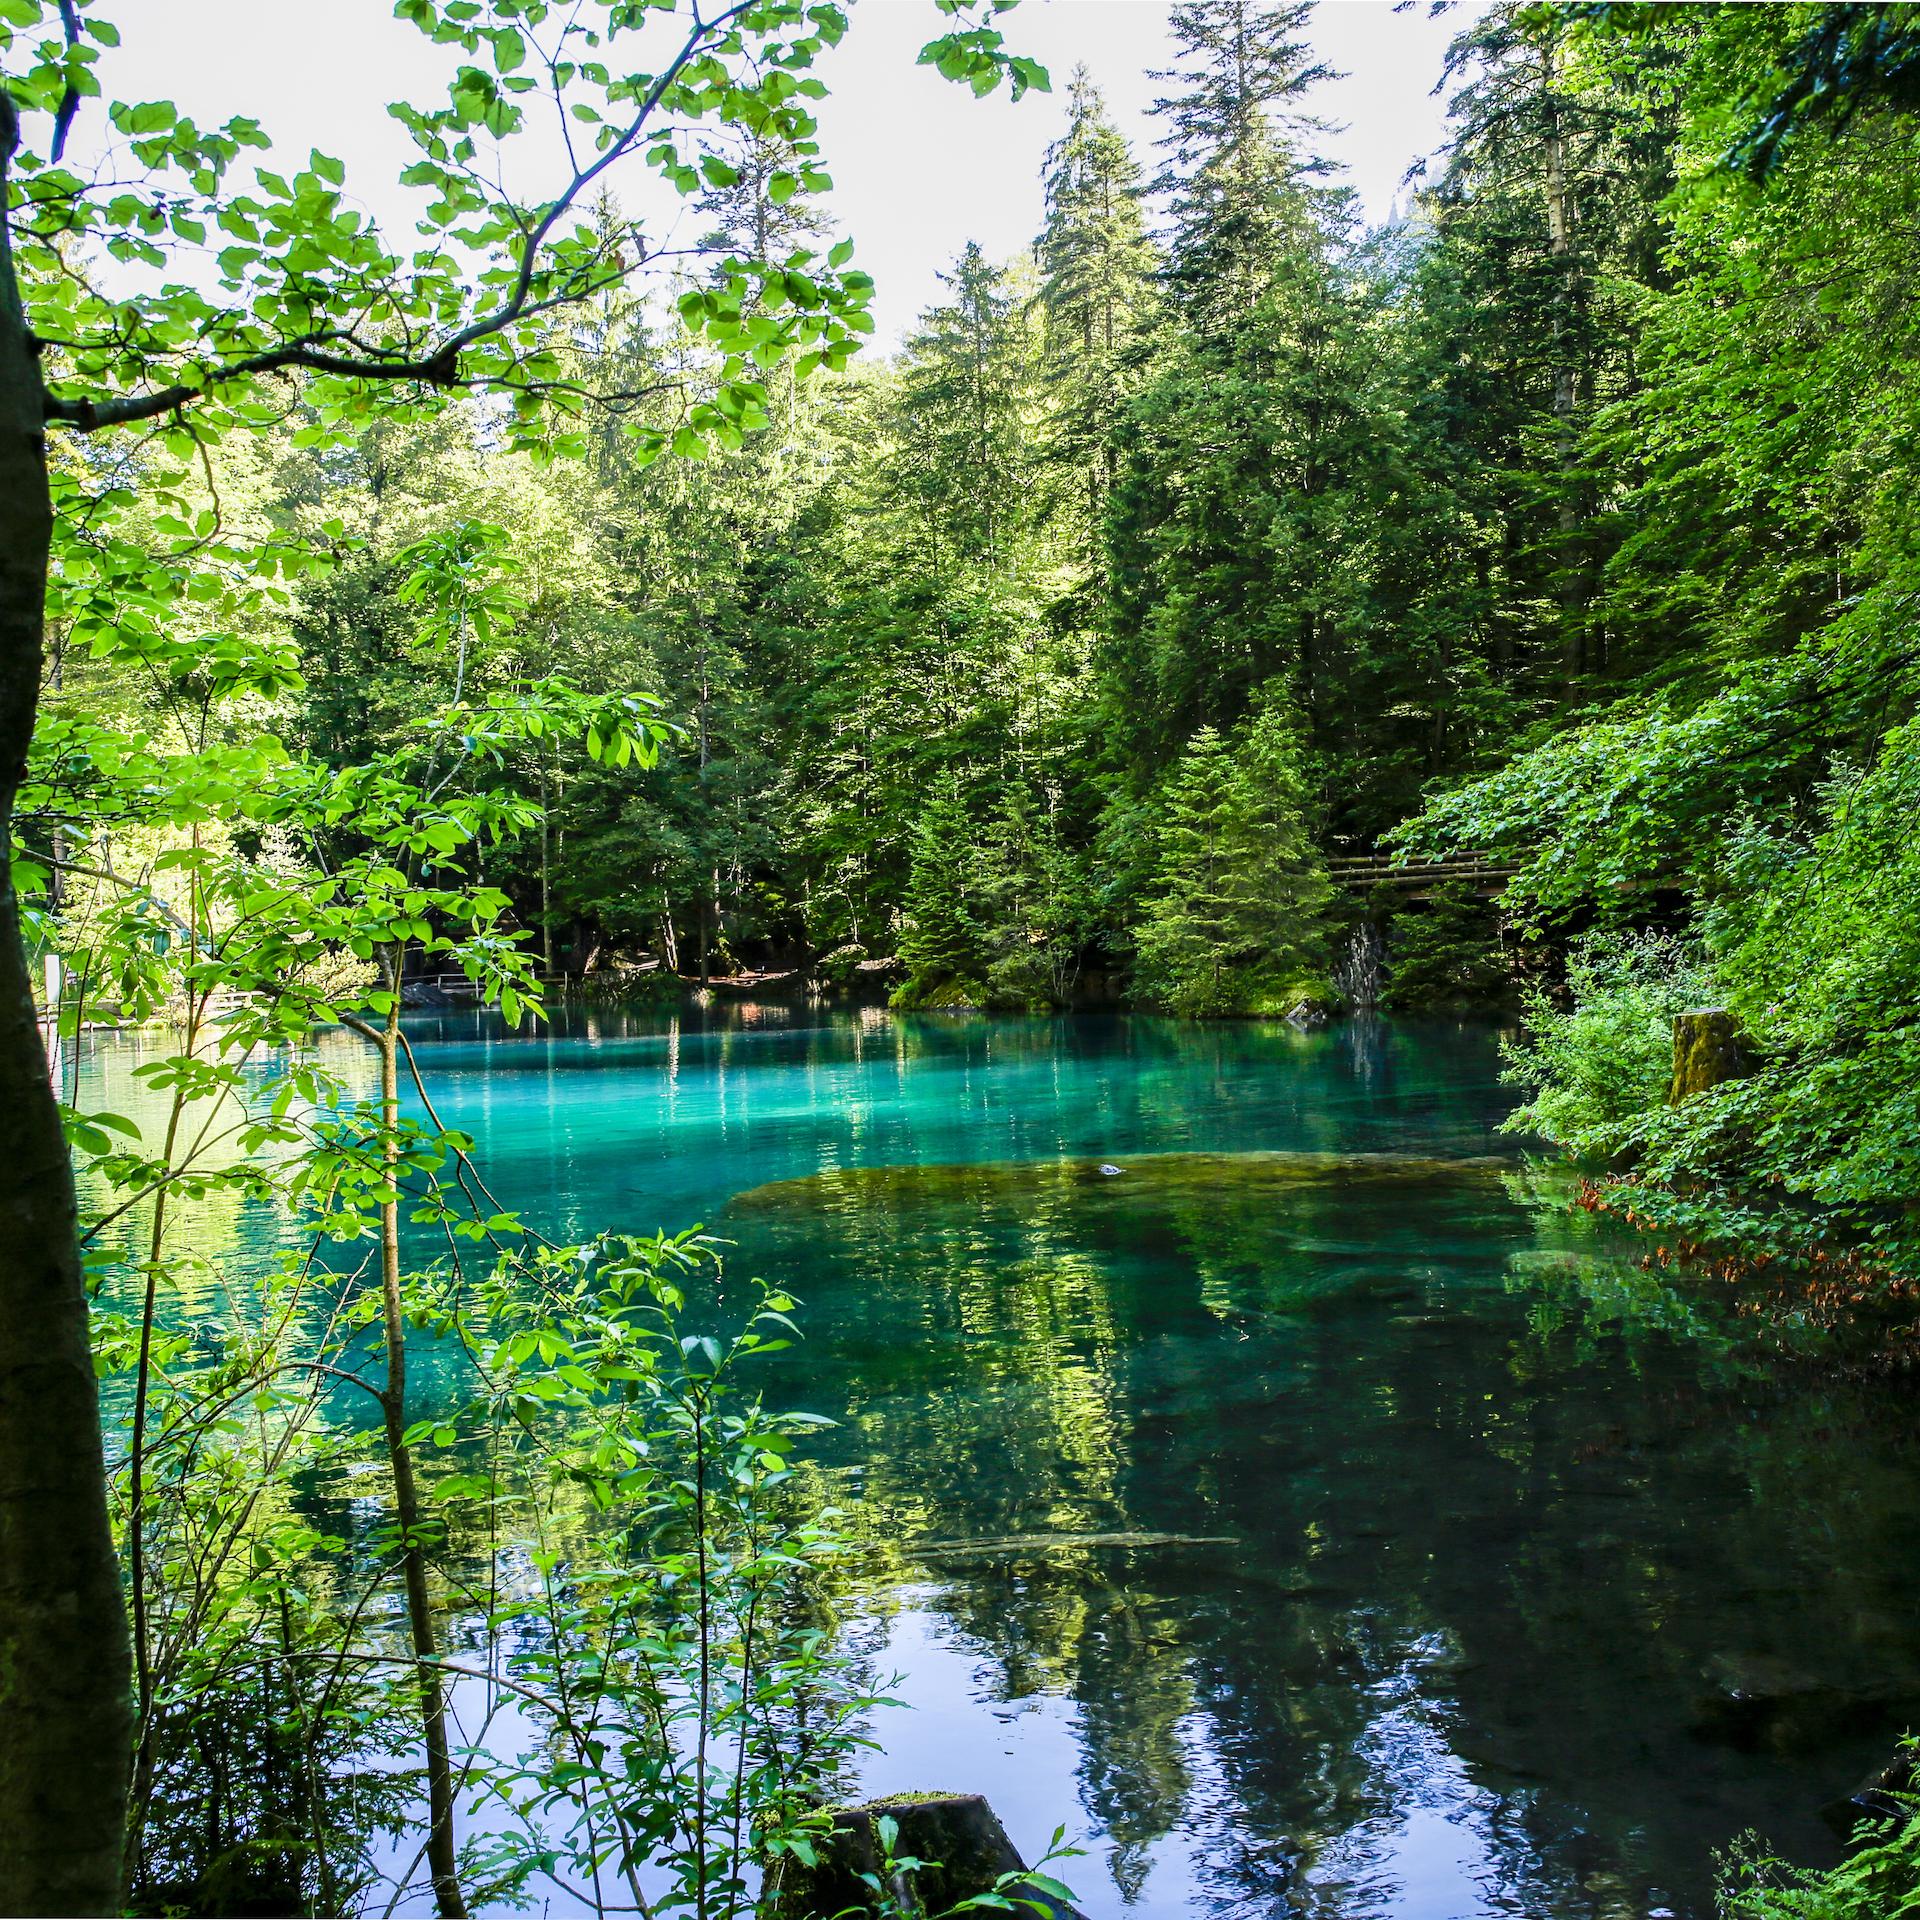 Ein blau schimmernder See, von grünen Bäumen umgeben